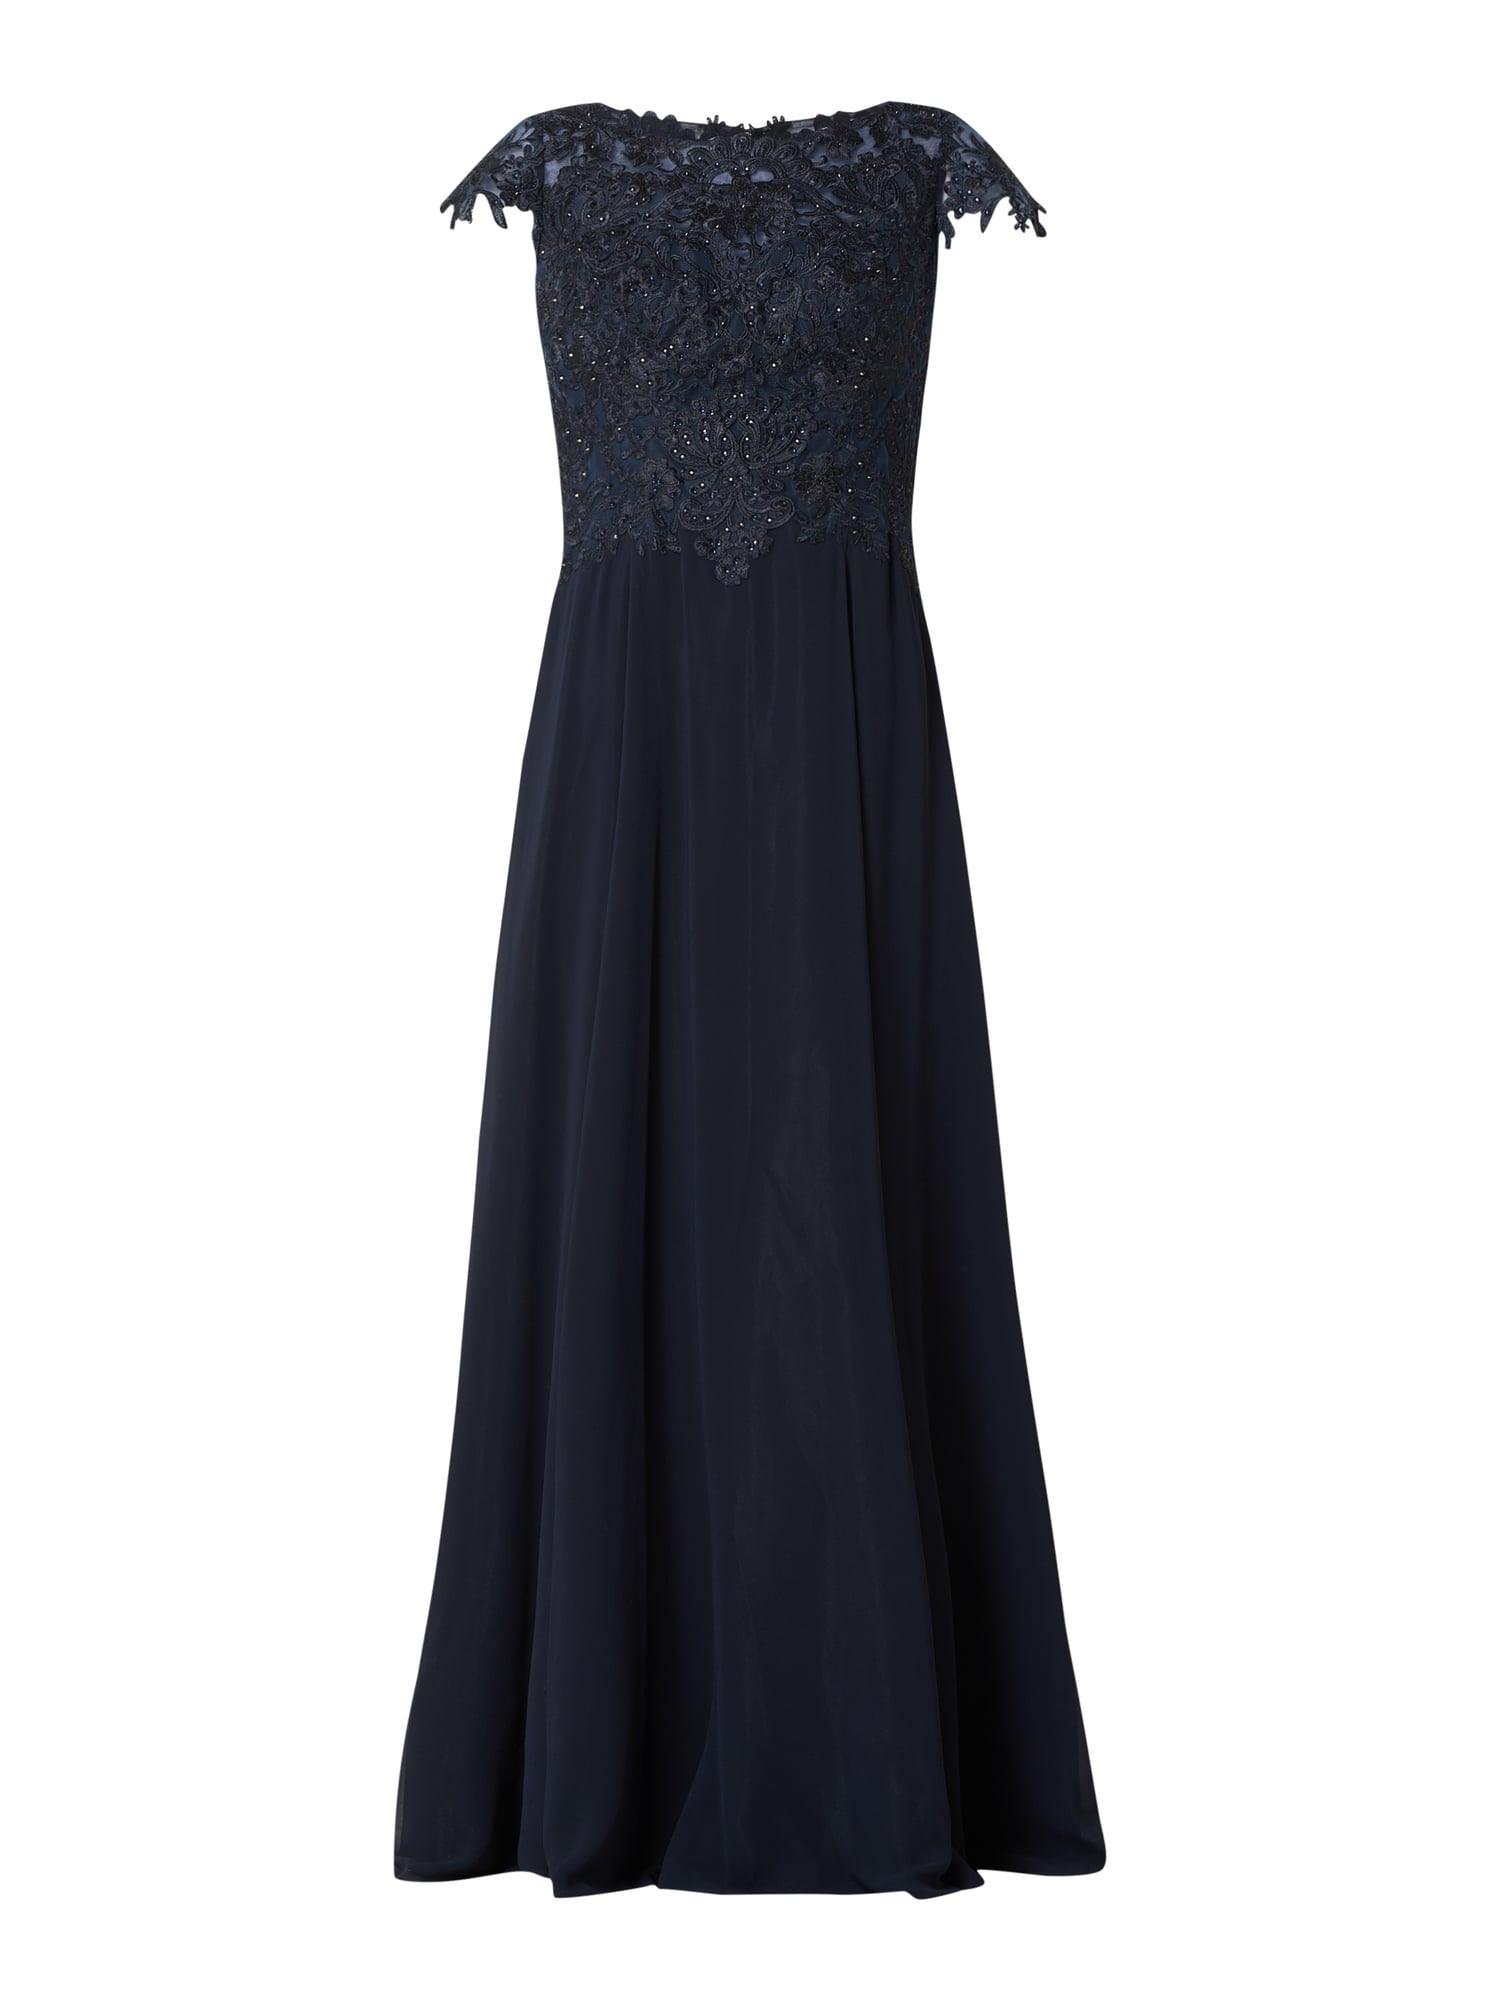 10 Leicht Vera Mont Abendkleid Blau BoutiqueAbend Wunderbar Vera Mont Abendkleid Blau Design